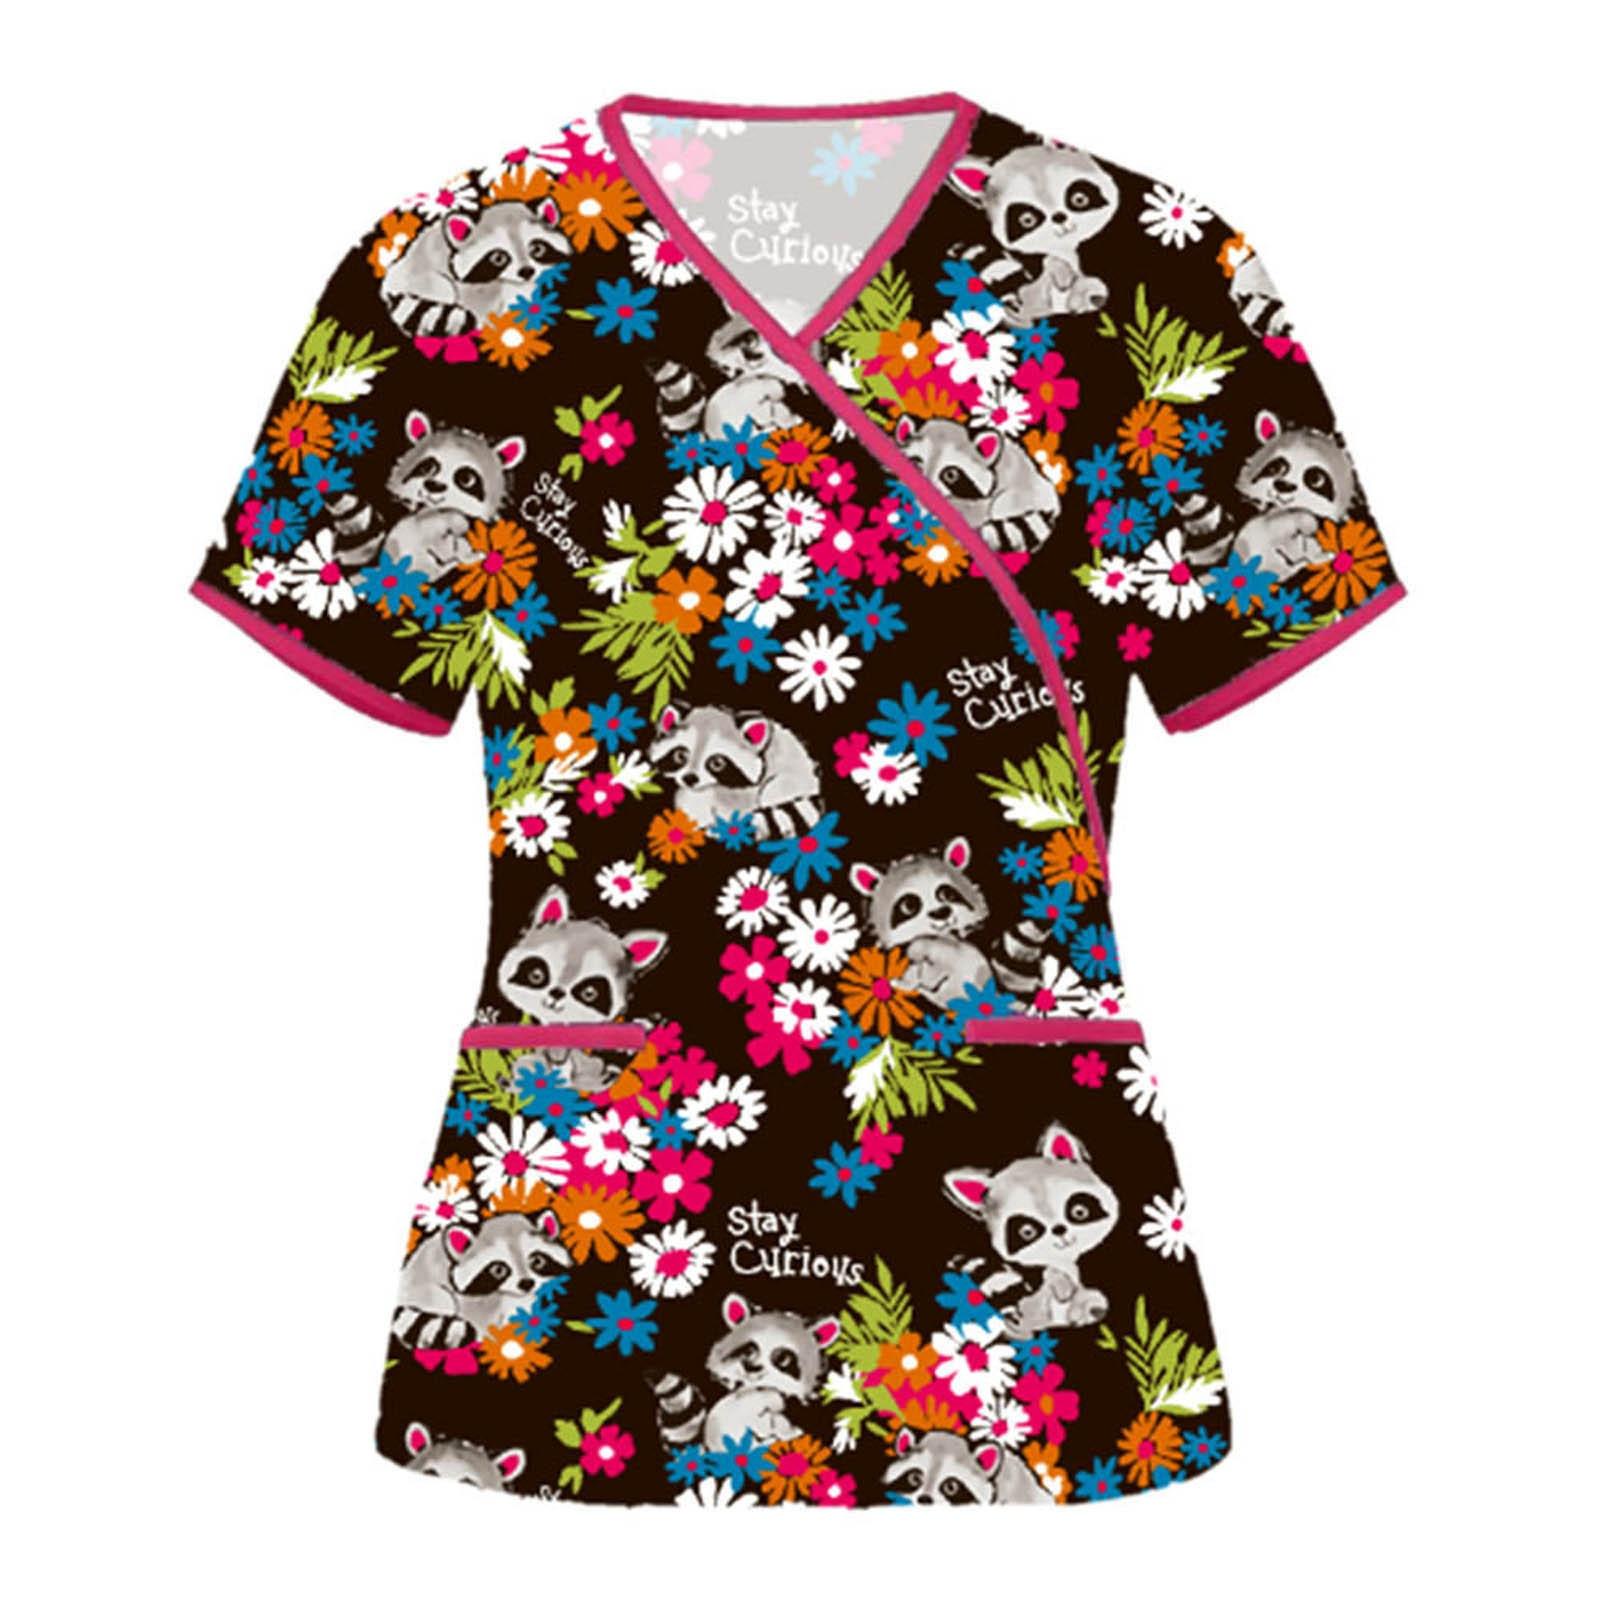 Униформа для медсестры с принтом животных, униформа для мужчин и женщин, униформа для стоматологических клиник, униформа для медсестер, руб...